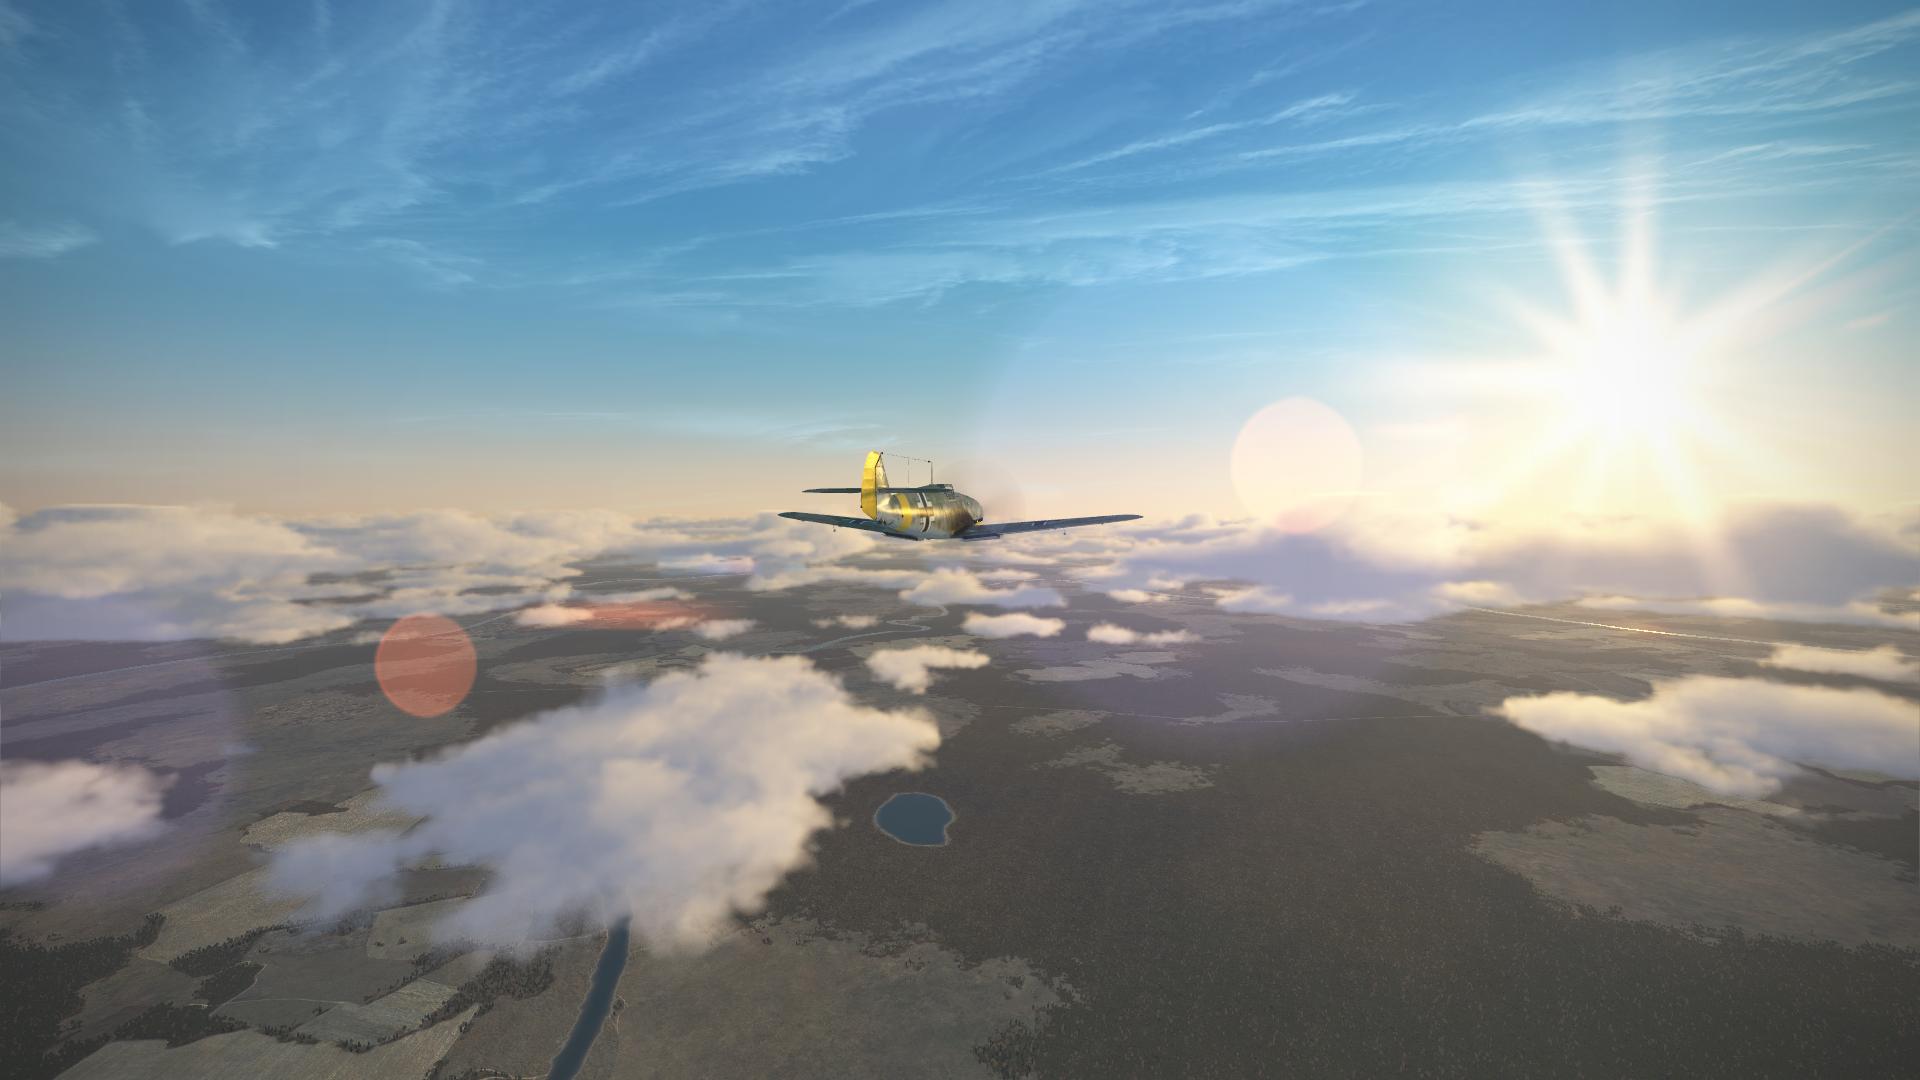 IL-2 Sturmovik Battle of Stalingrad Screenshot 2020.03.23 - 22.36.46.40.png